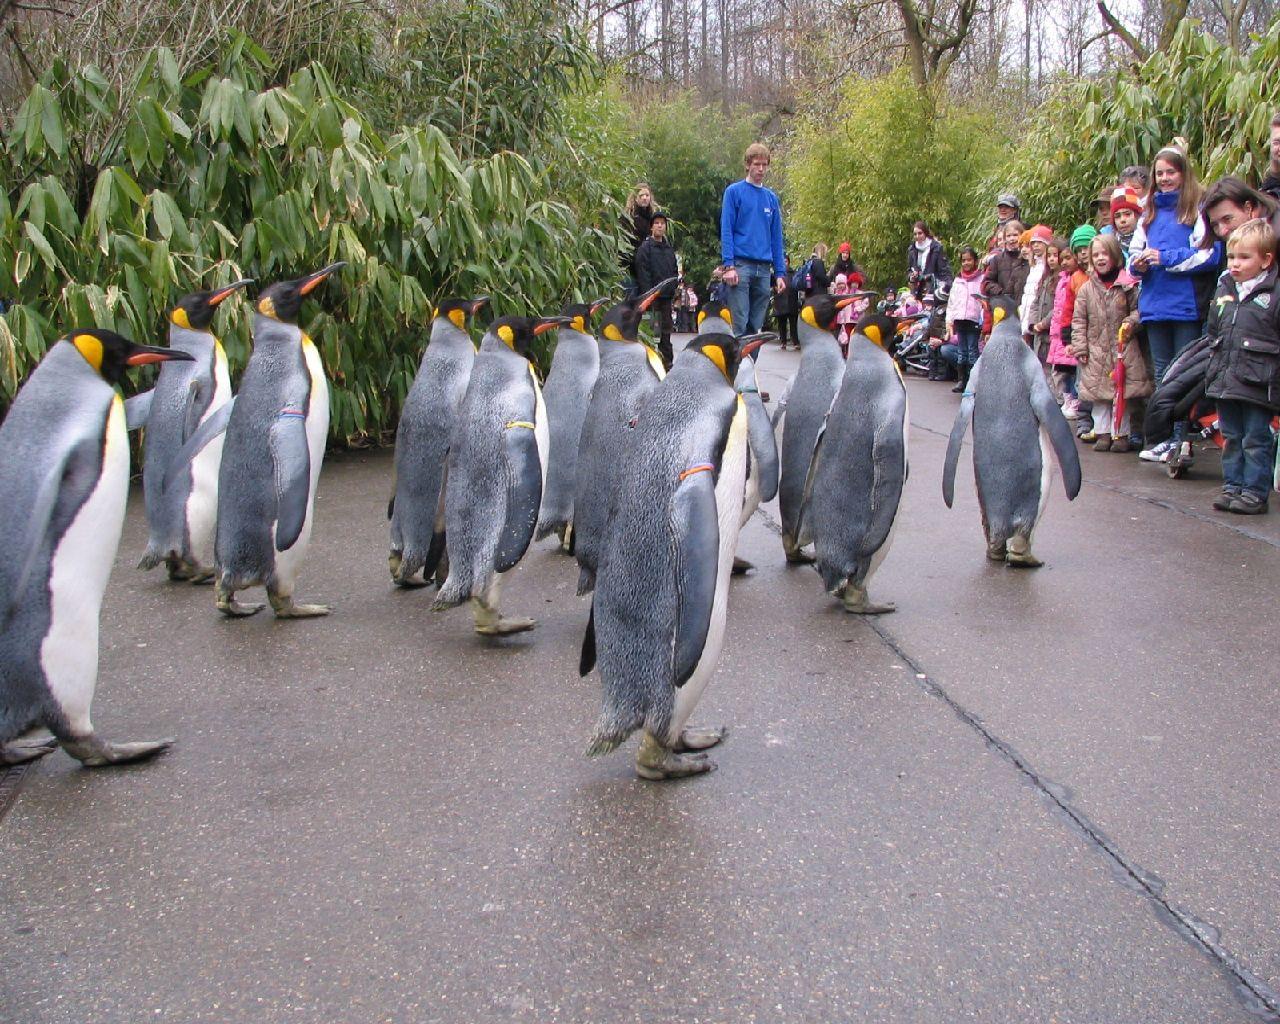 Garden Photos From The Zurich Zoo Zoological Garden Switzerland